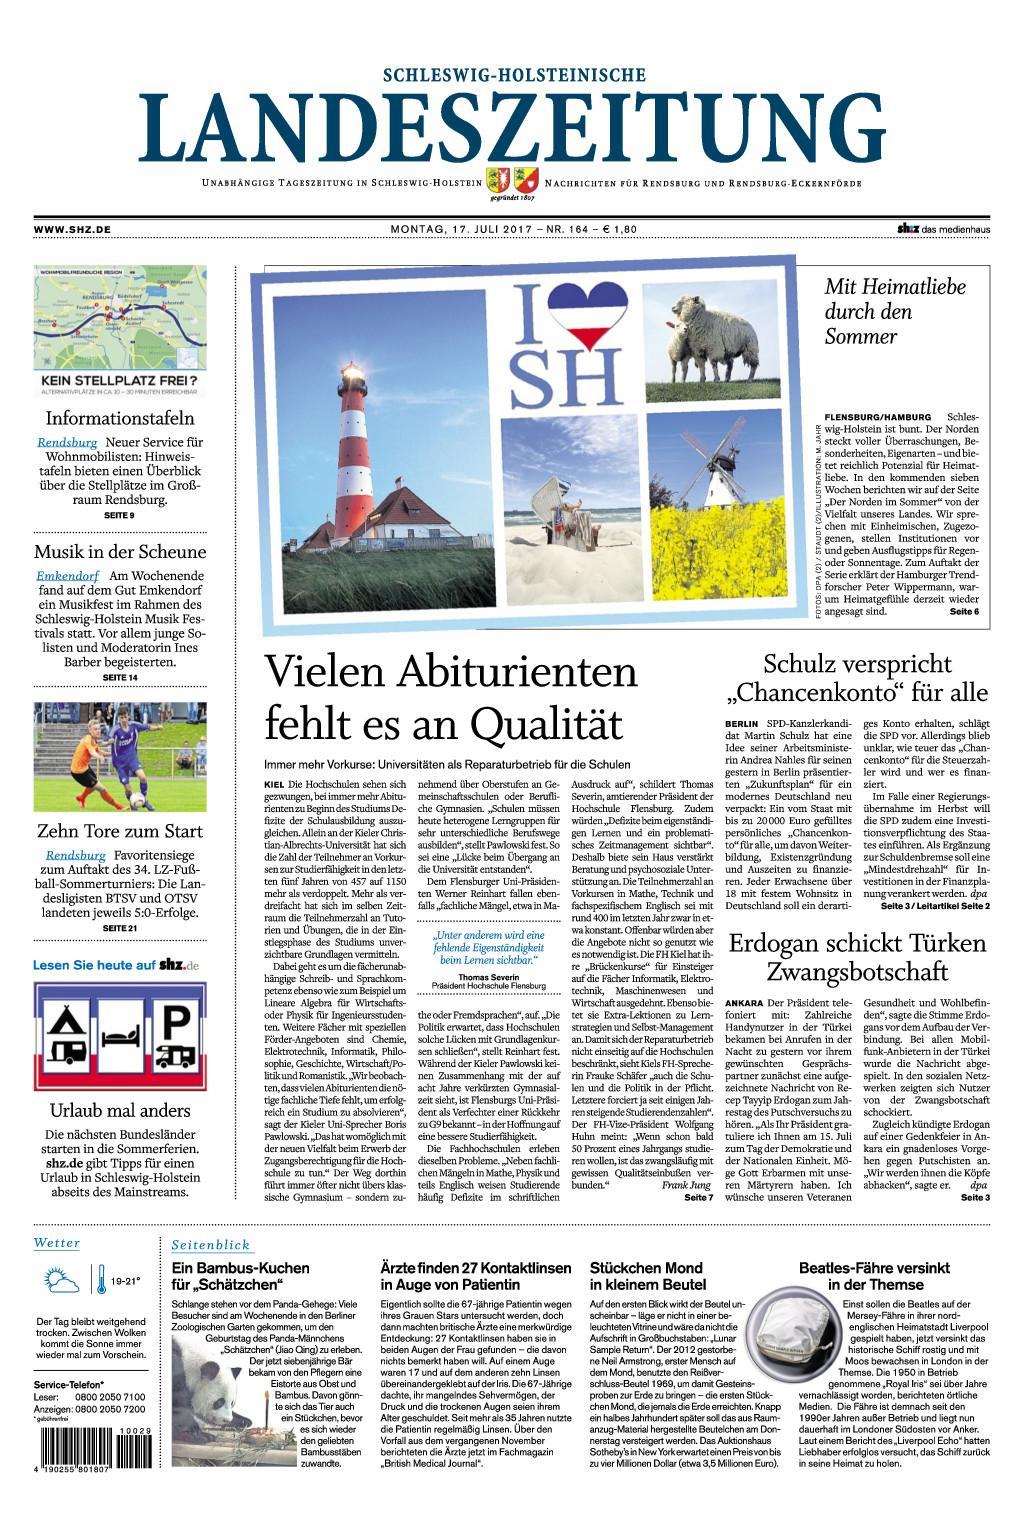 : Schleswig Holsteinische Landeszeitung 17 Juli 2017